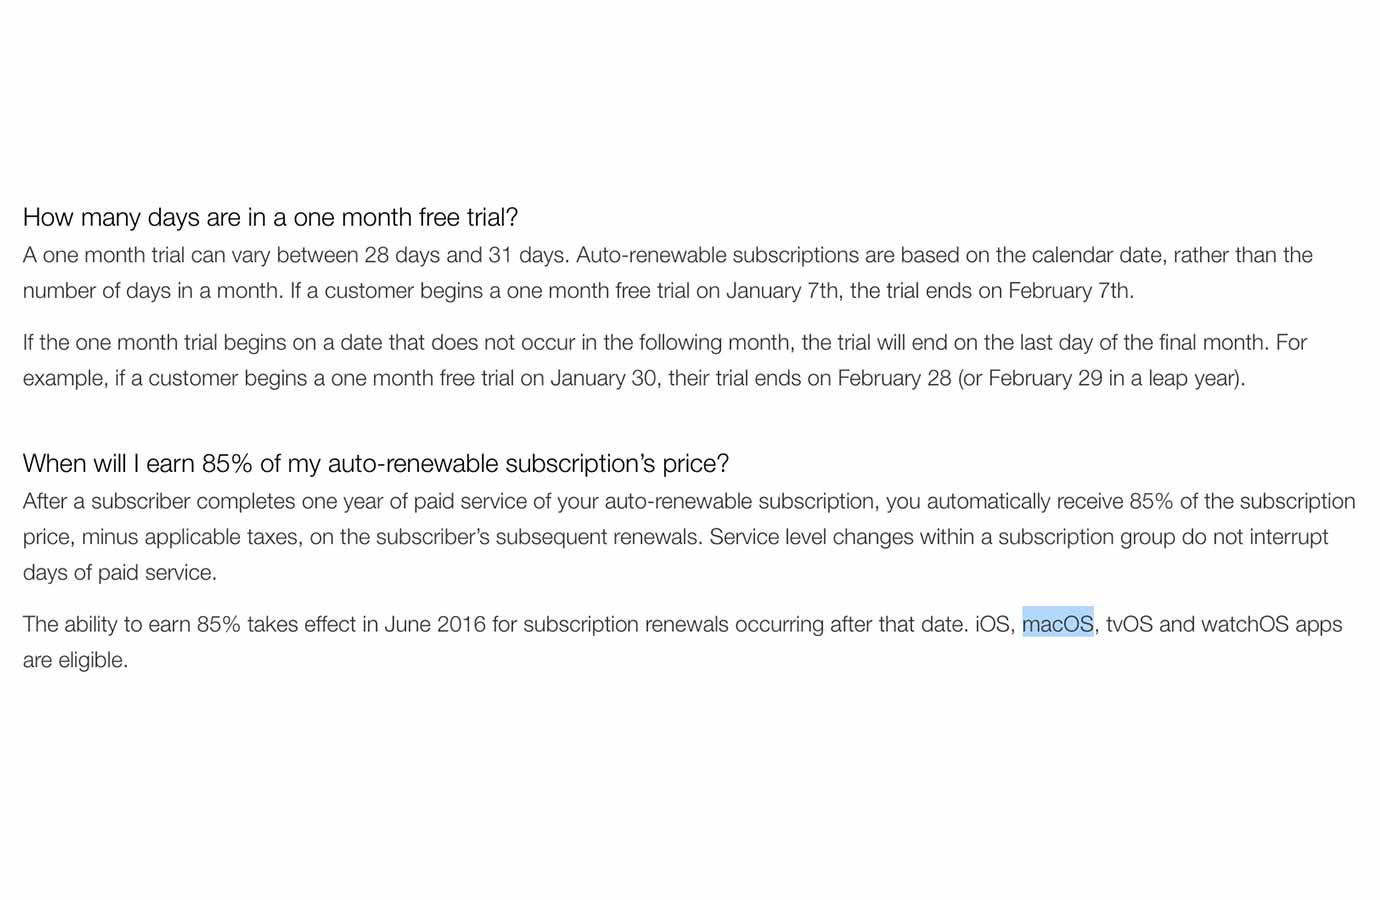 やはり次期「OS X」は「macOS」に変更か!? デベロッパーサイトでまた記述が見つかる